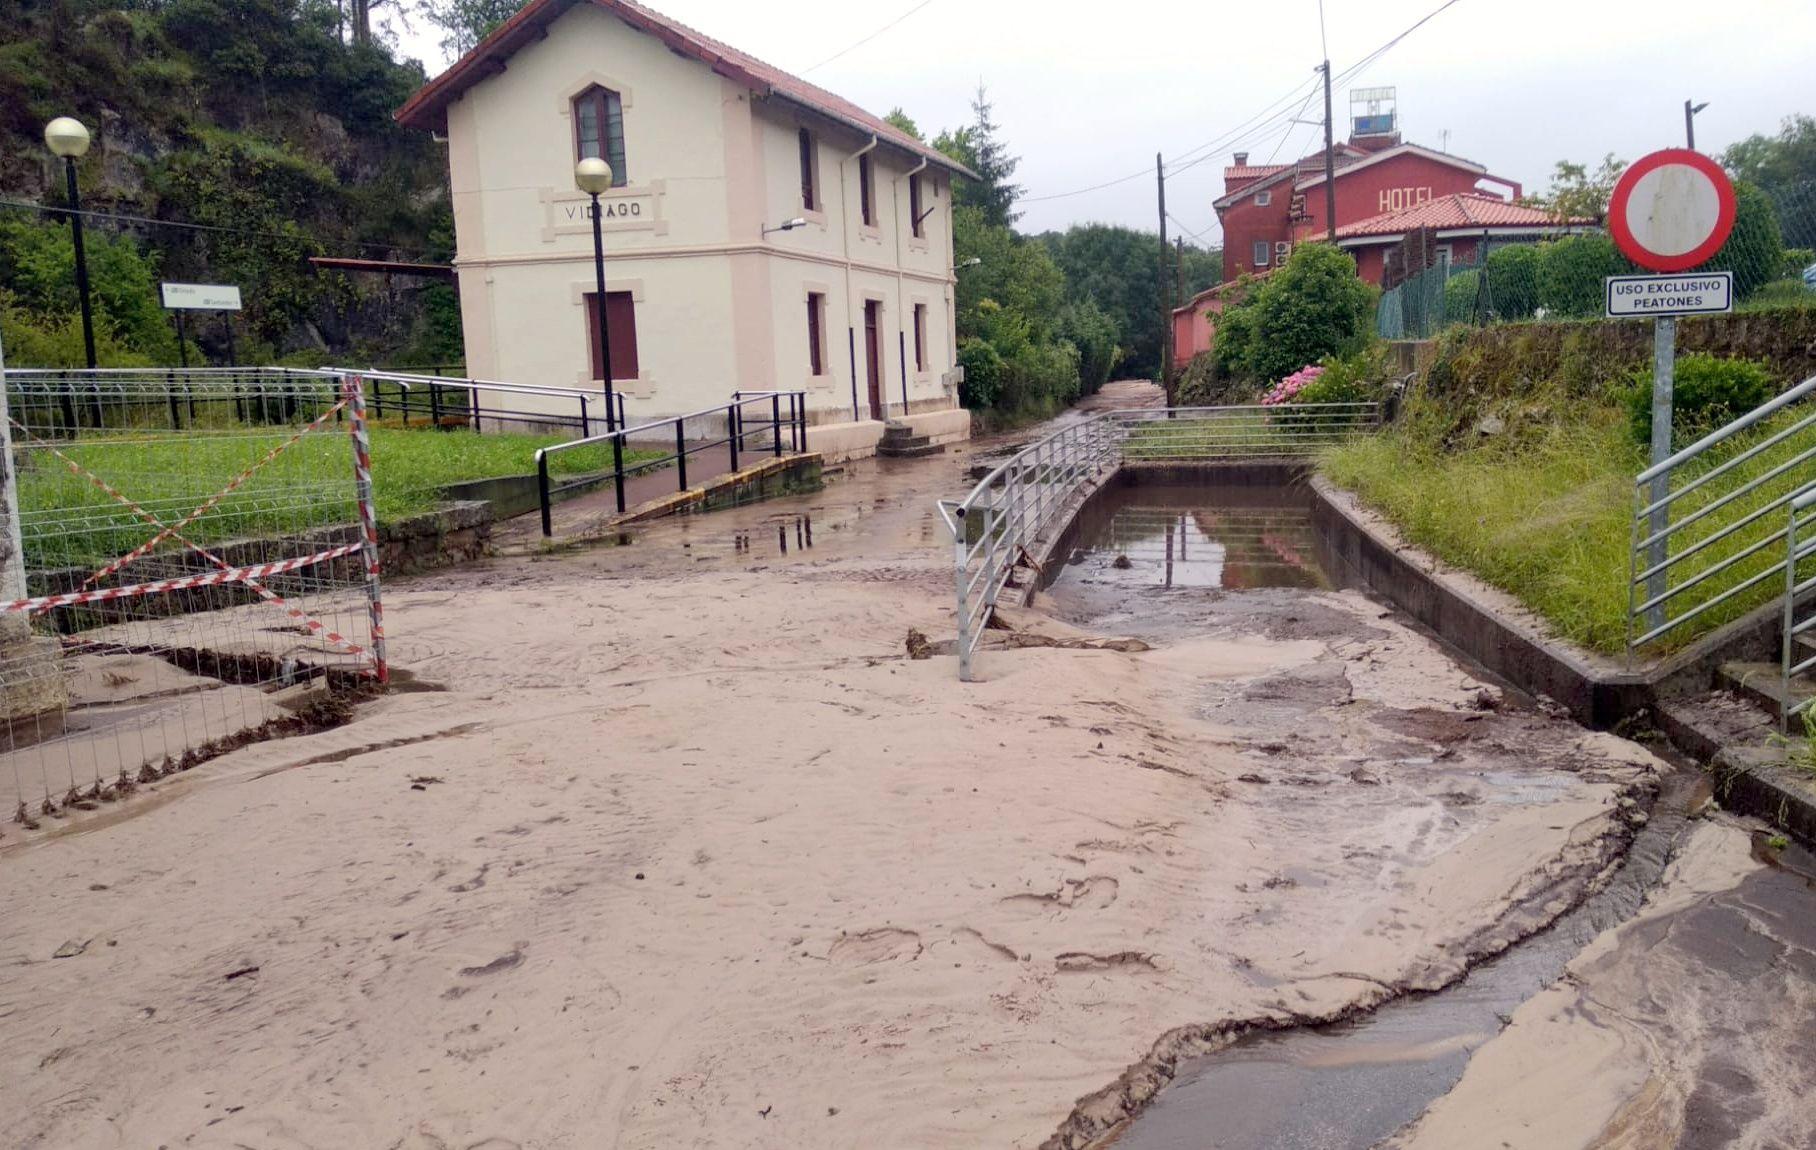 Daños ocasionados por el temporal en Vidiago